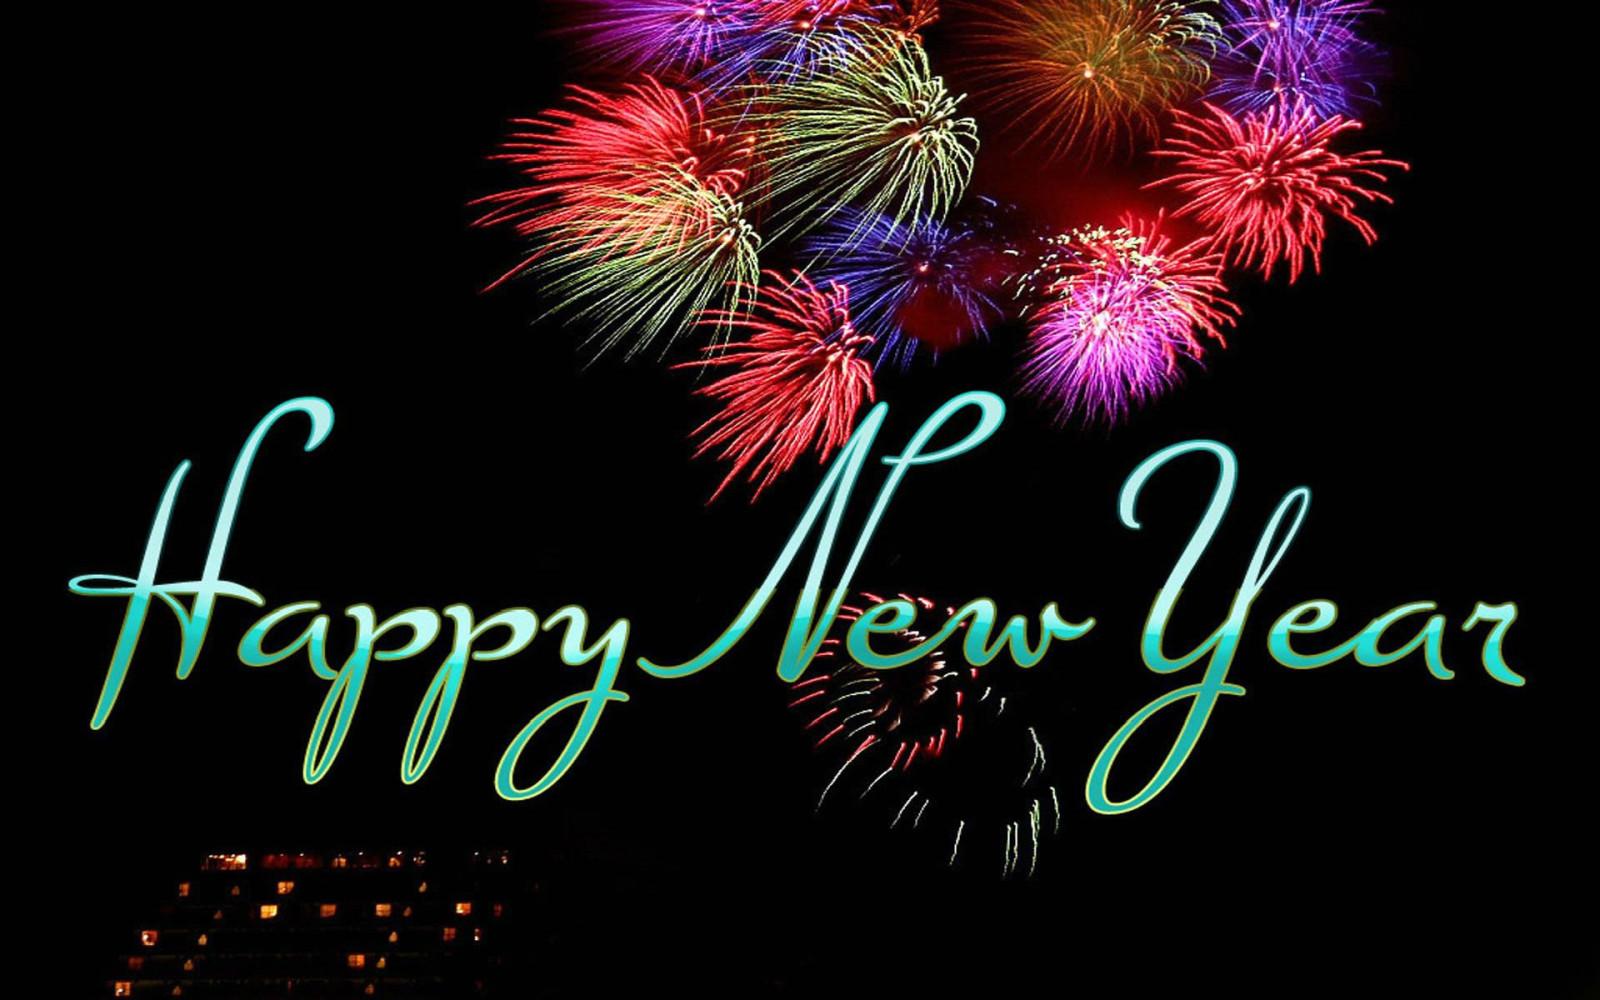 Поздравление с 2015 картинки, новогодних украшений